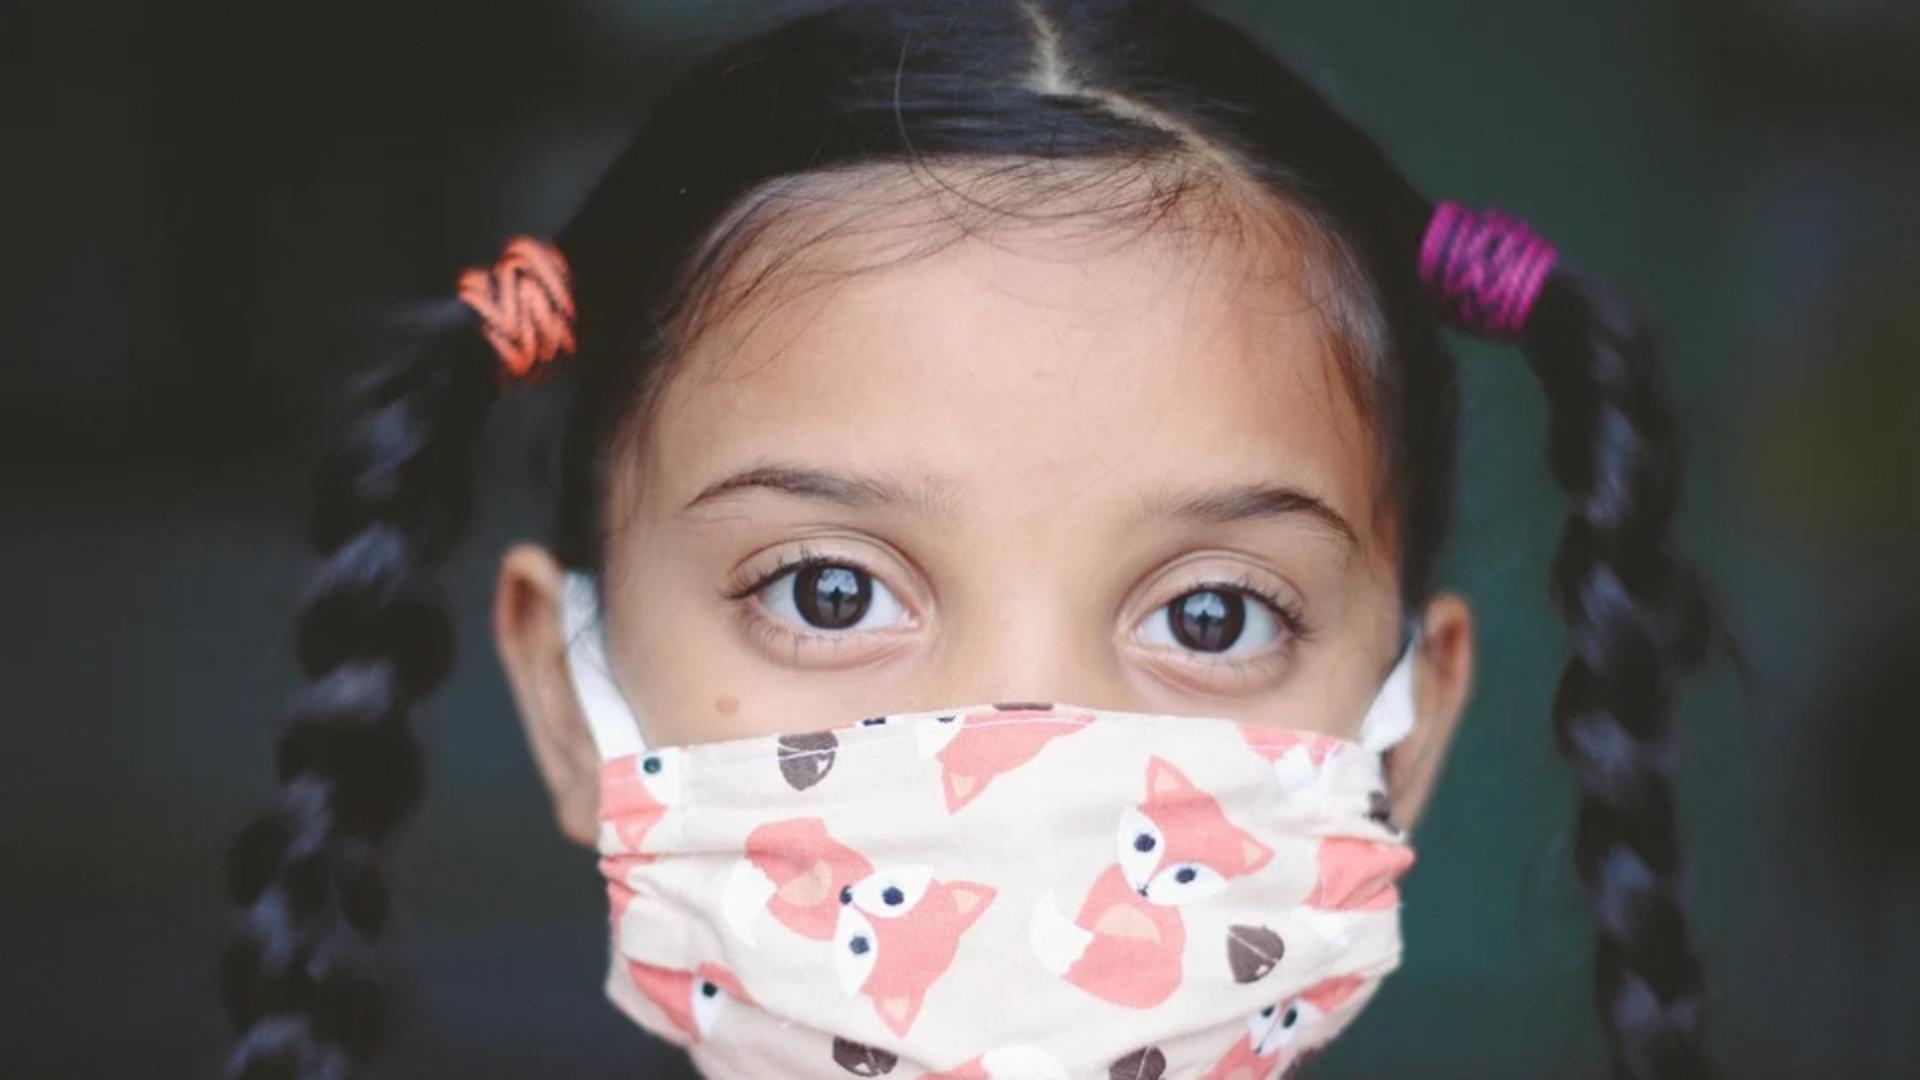 Când și cu ce vor fi imunizați copiii împotriva COVID-19 în România - Anunțul lui Valeriu Gheorghiță